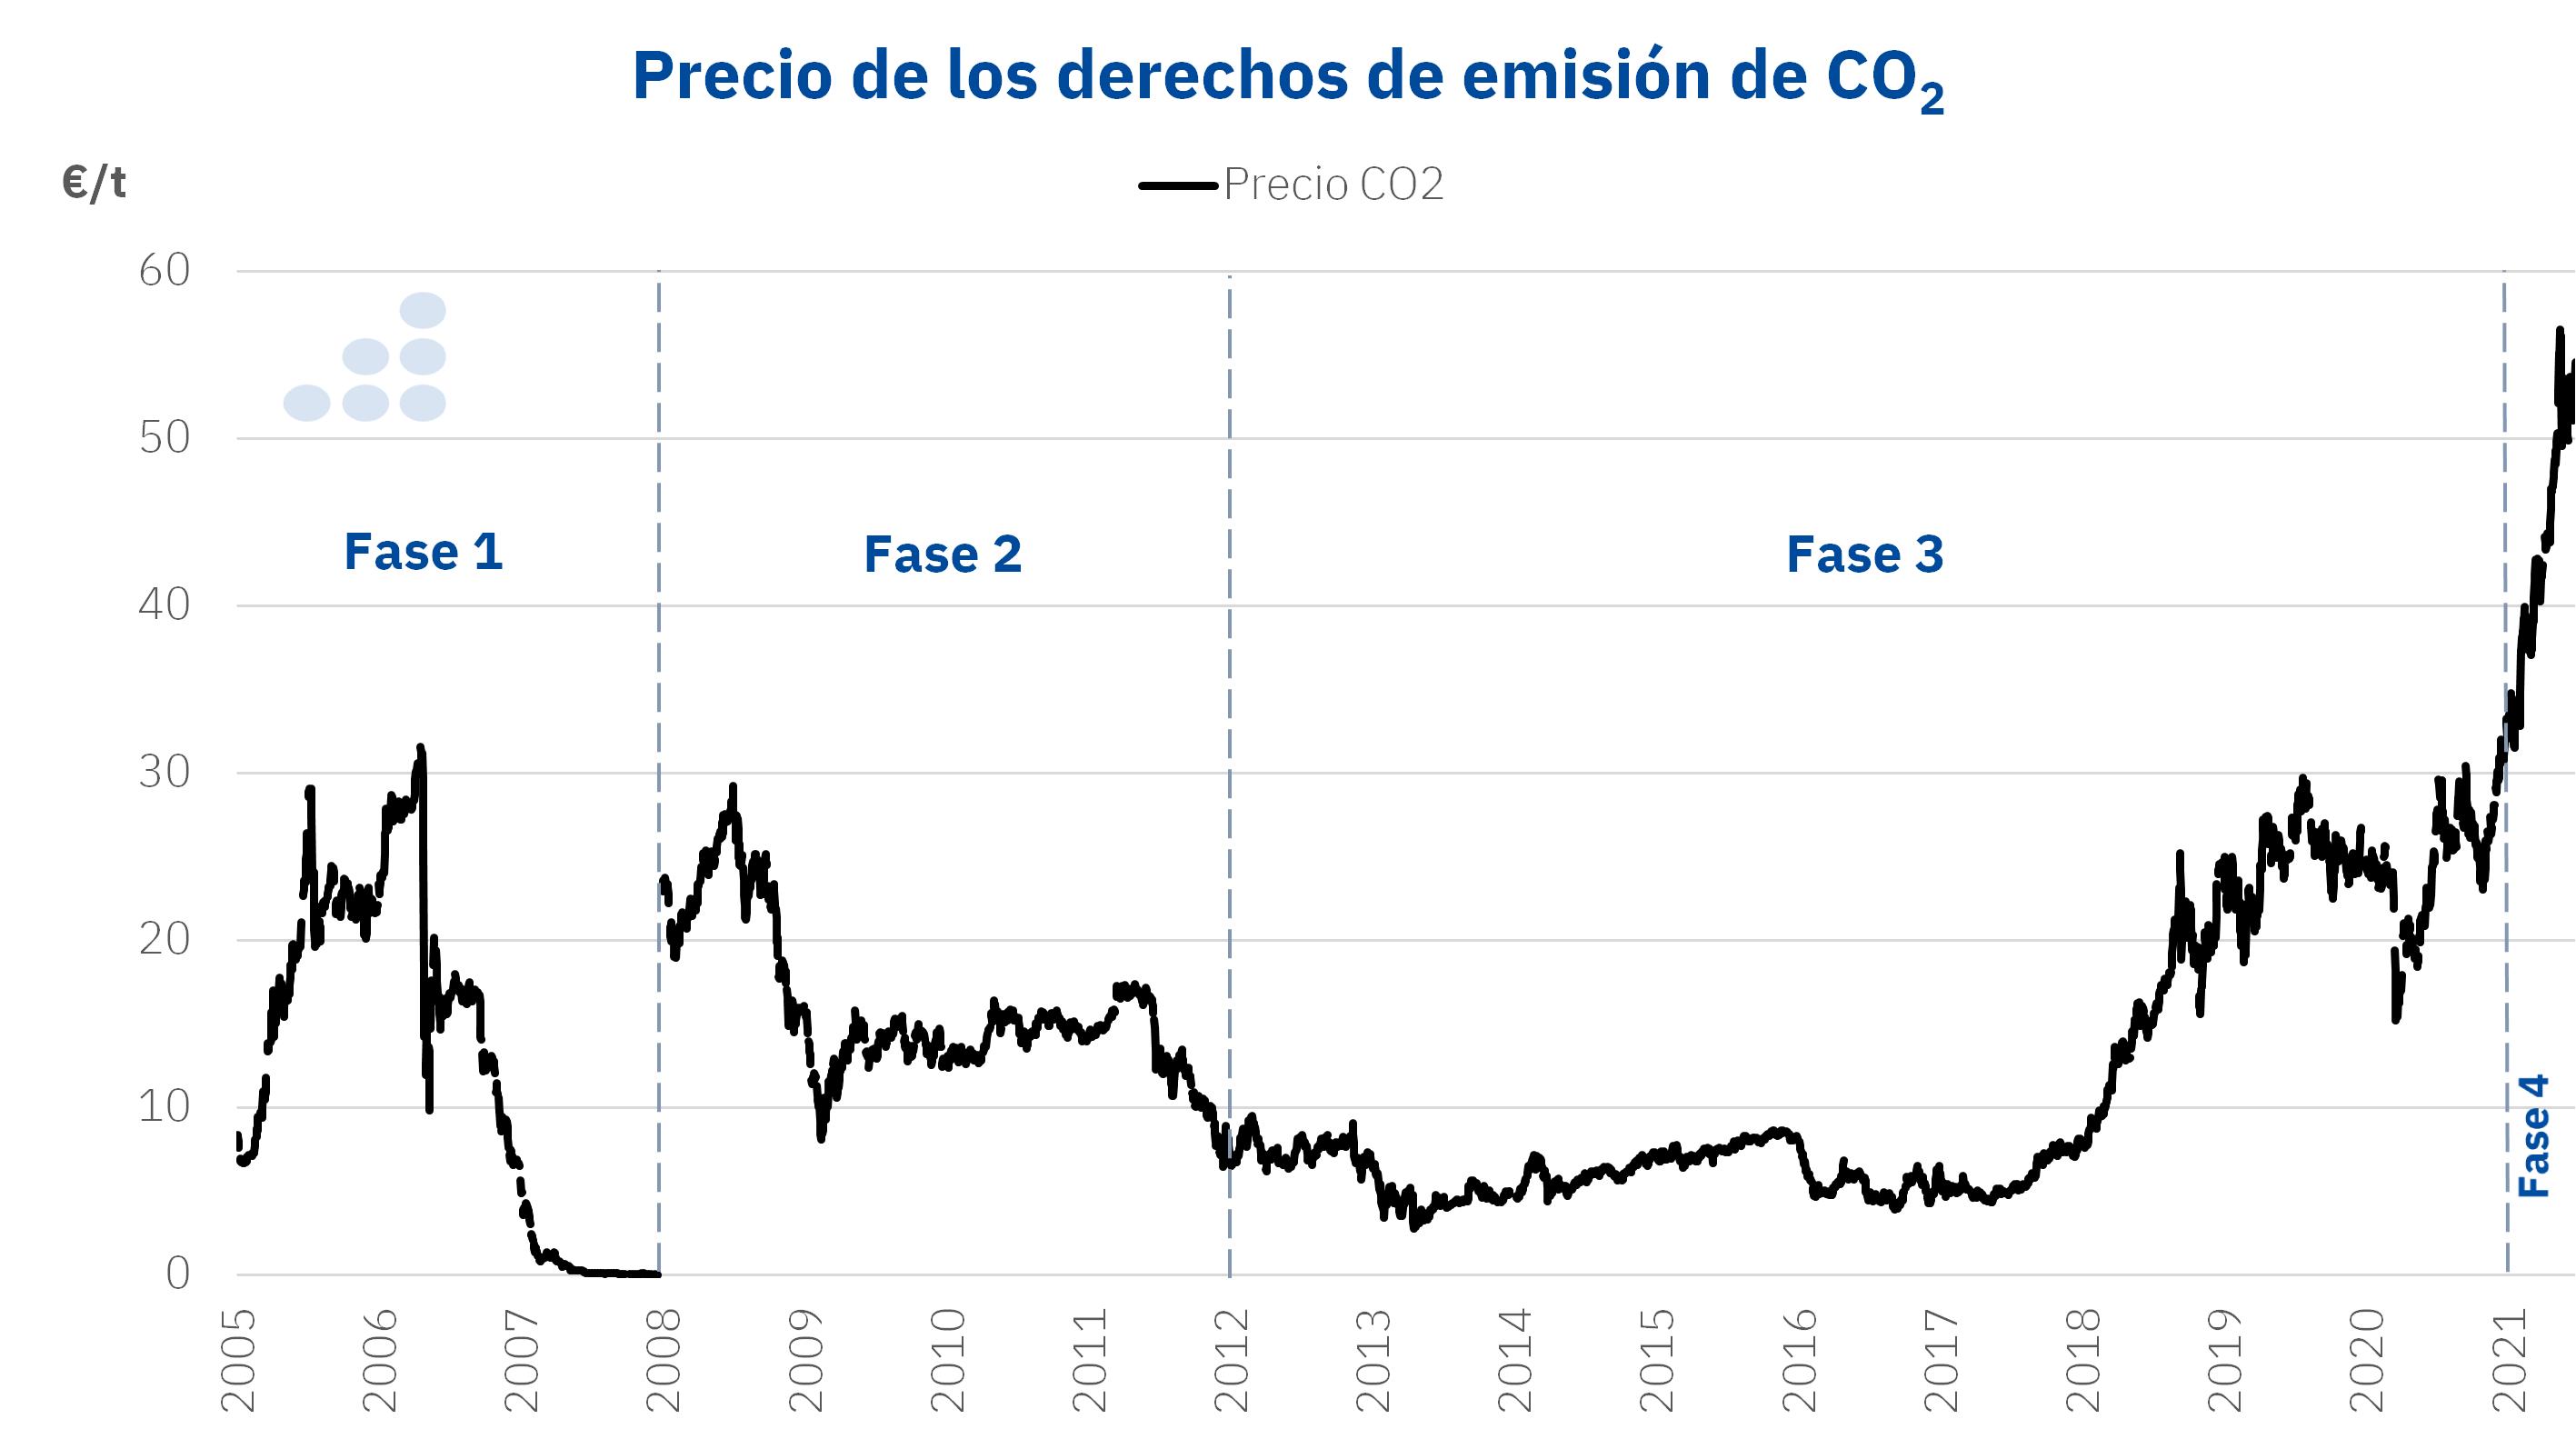 AleaSoft: El CO2 debe alcanzar un equilibrio que ayude a las renovables sin afectar a grandes consumidores